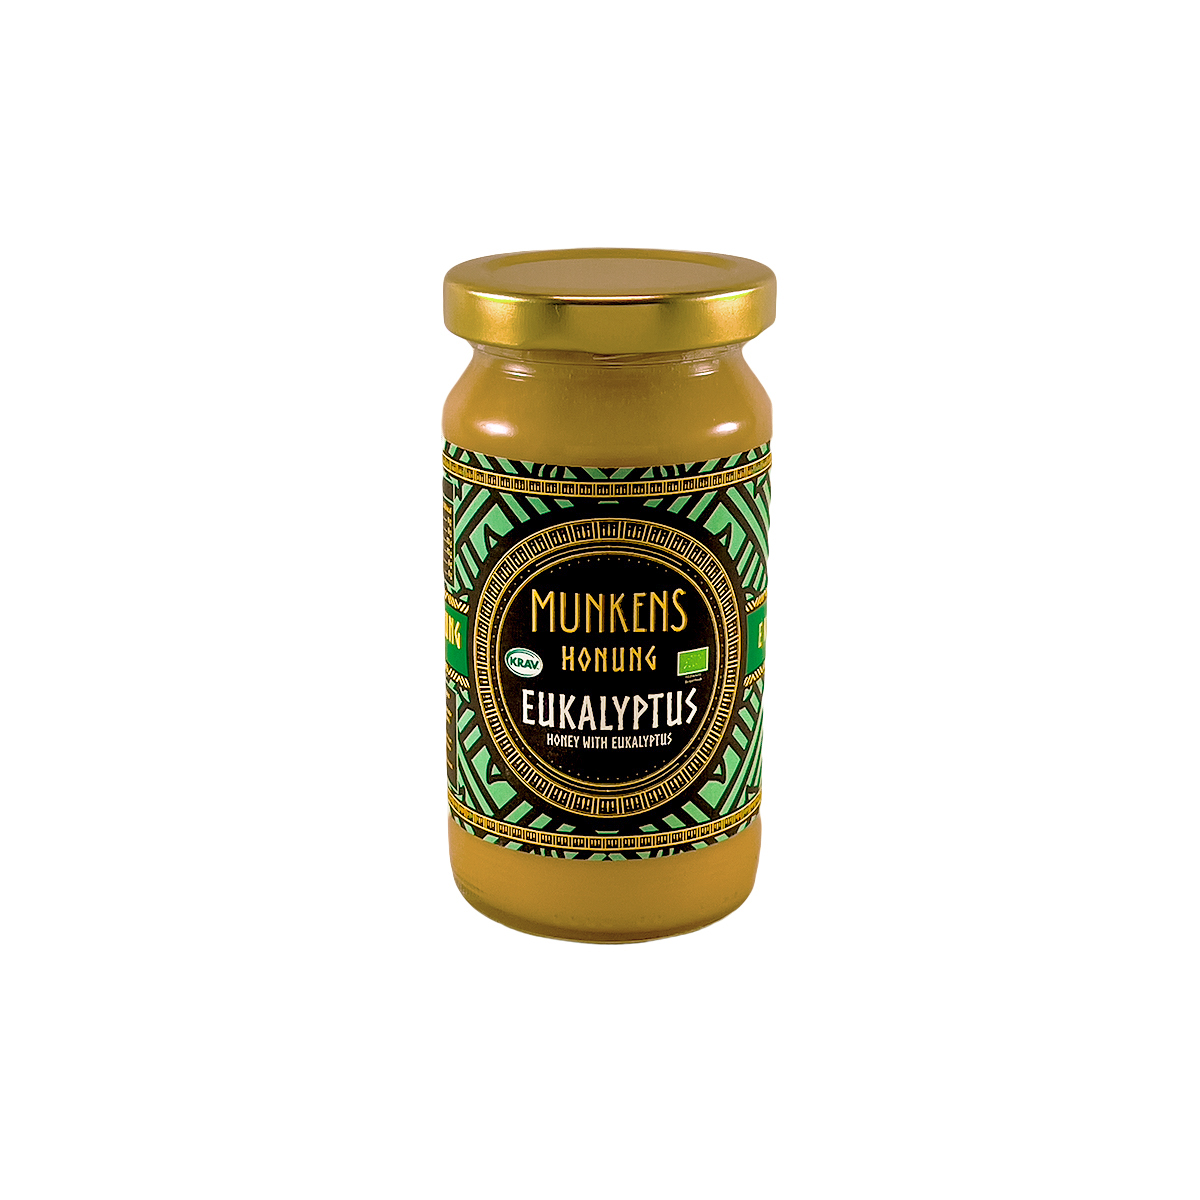 Munkens Honung – Kallrörd:Rå:Raw – Eukalyptus 280g